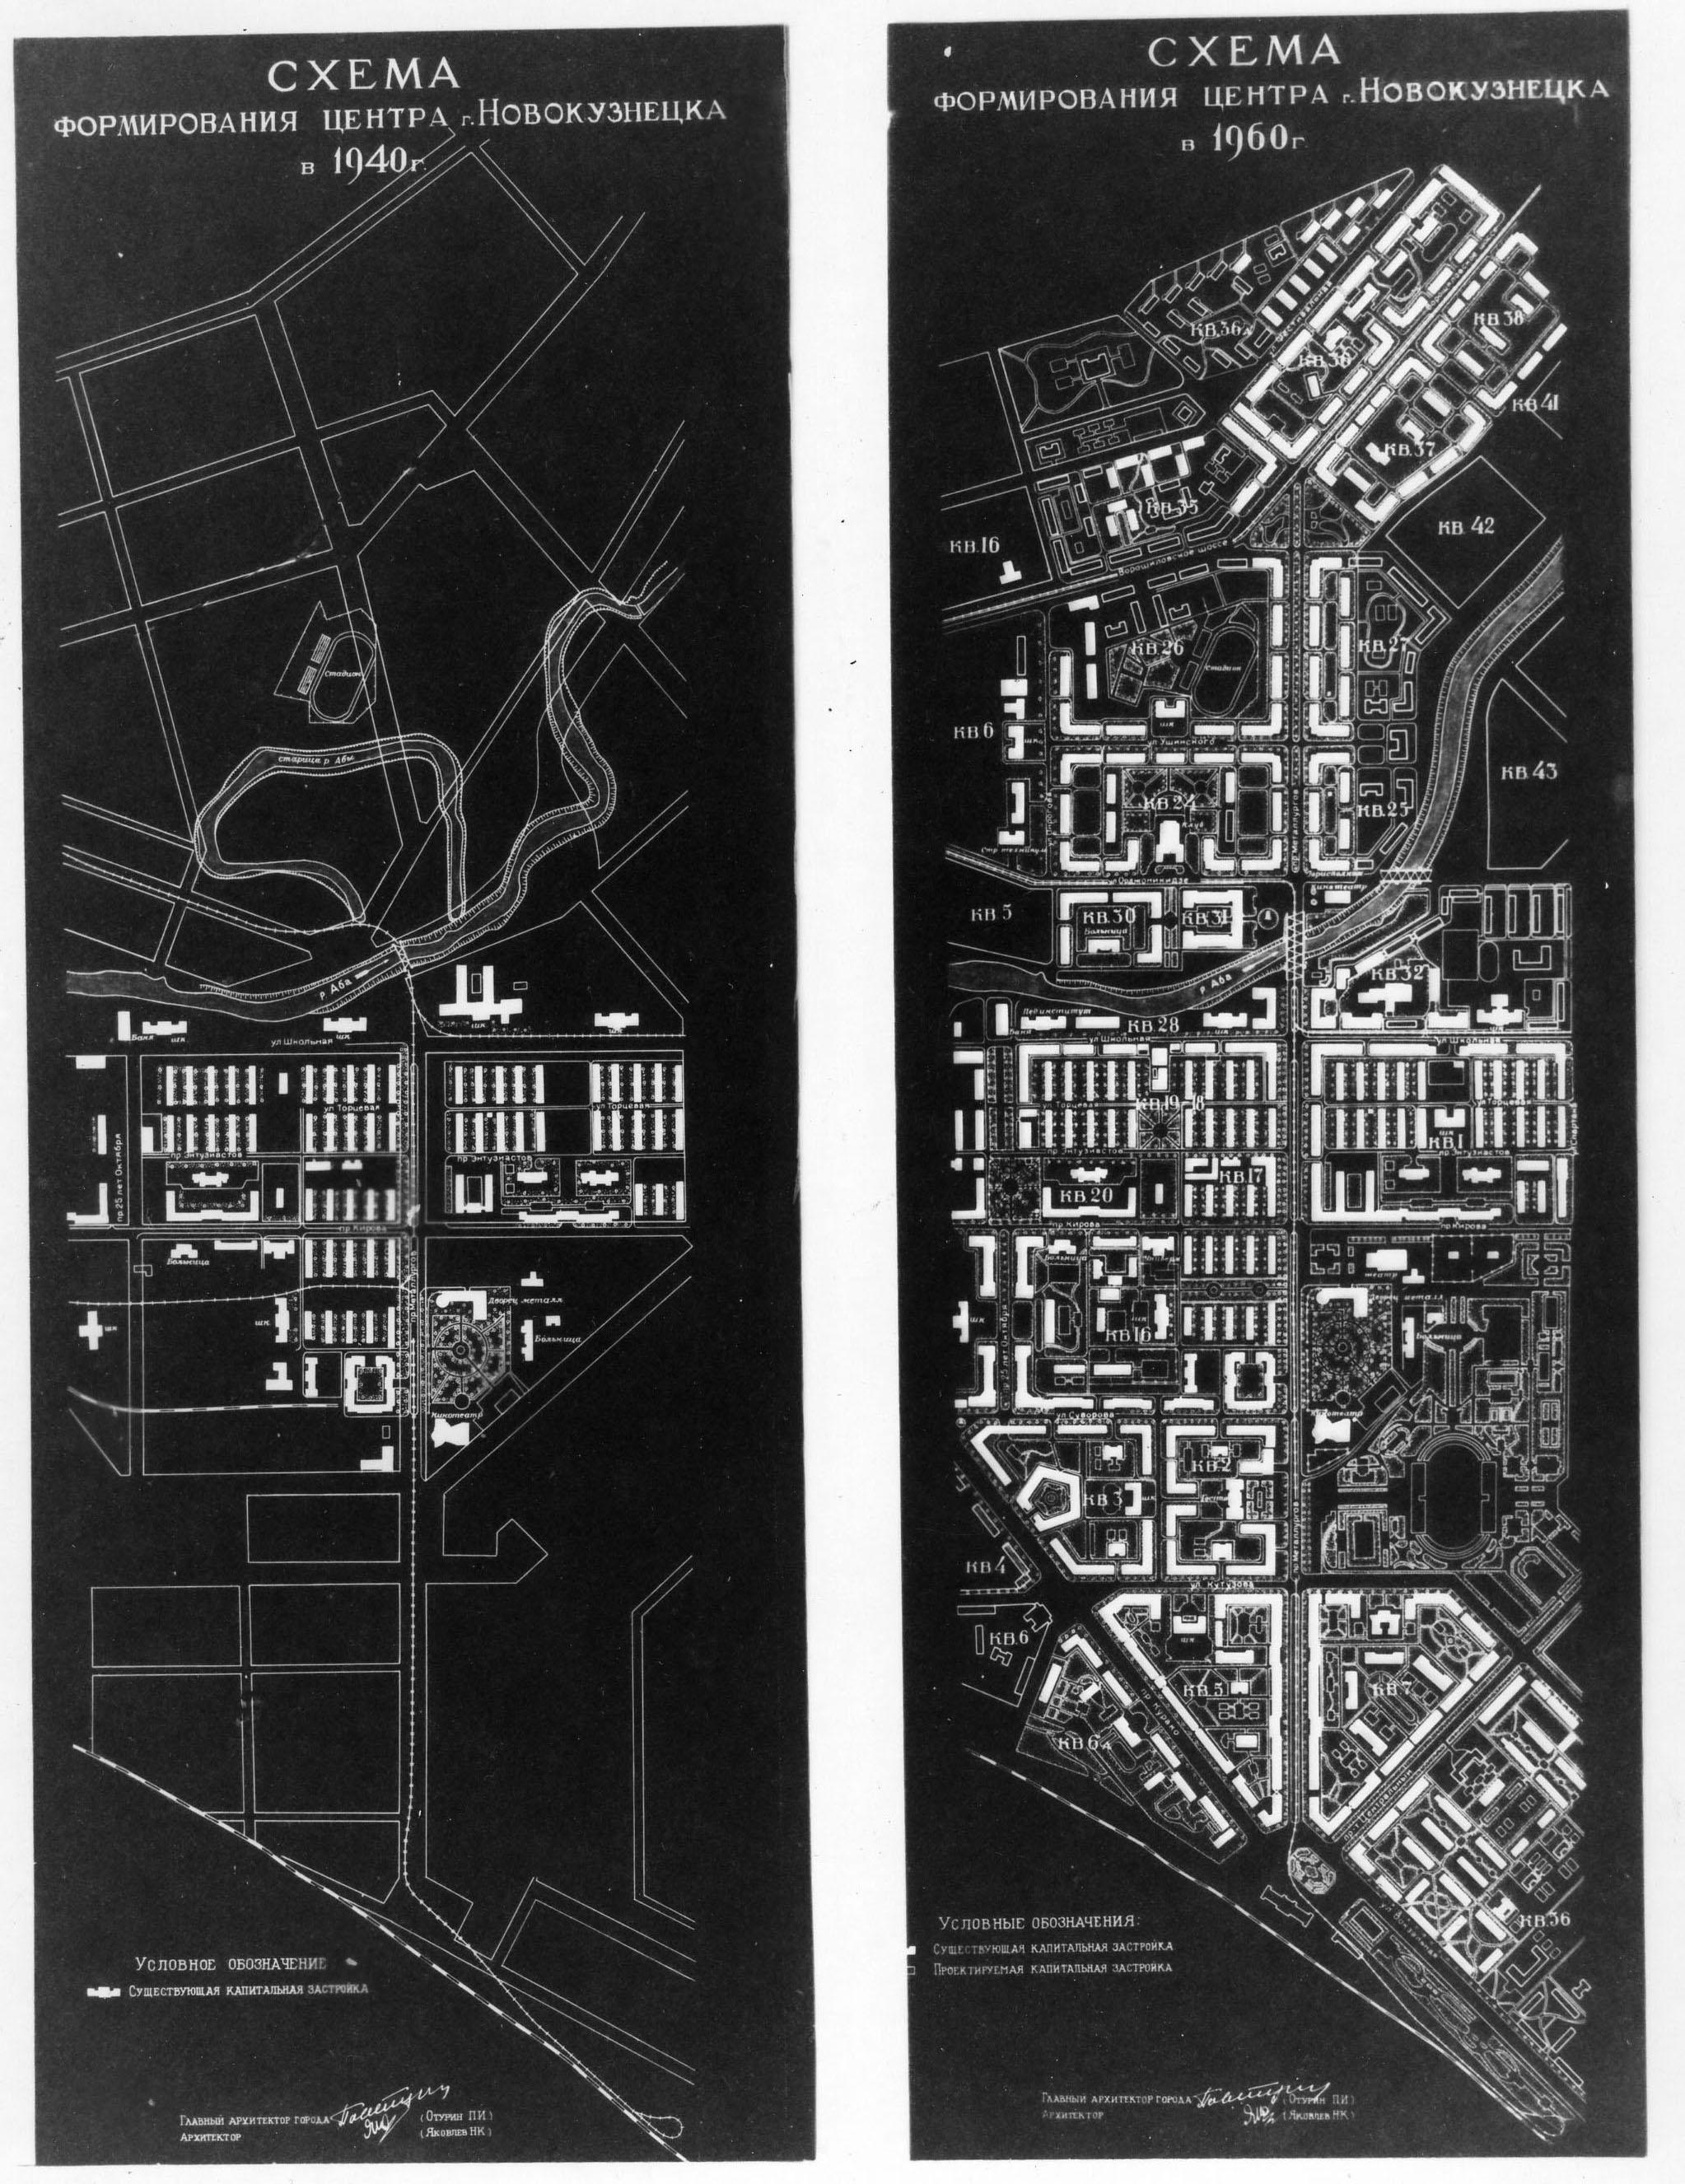 Схема формирования центра Новокузнецка в 1940 г. и 1960 г.